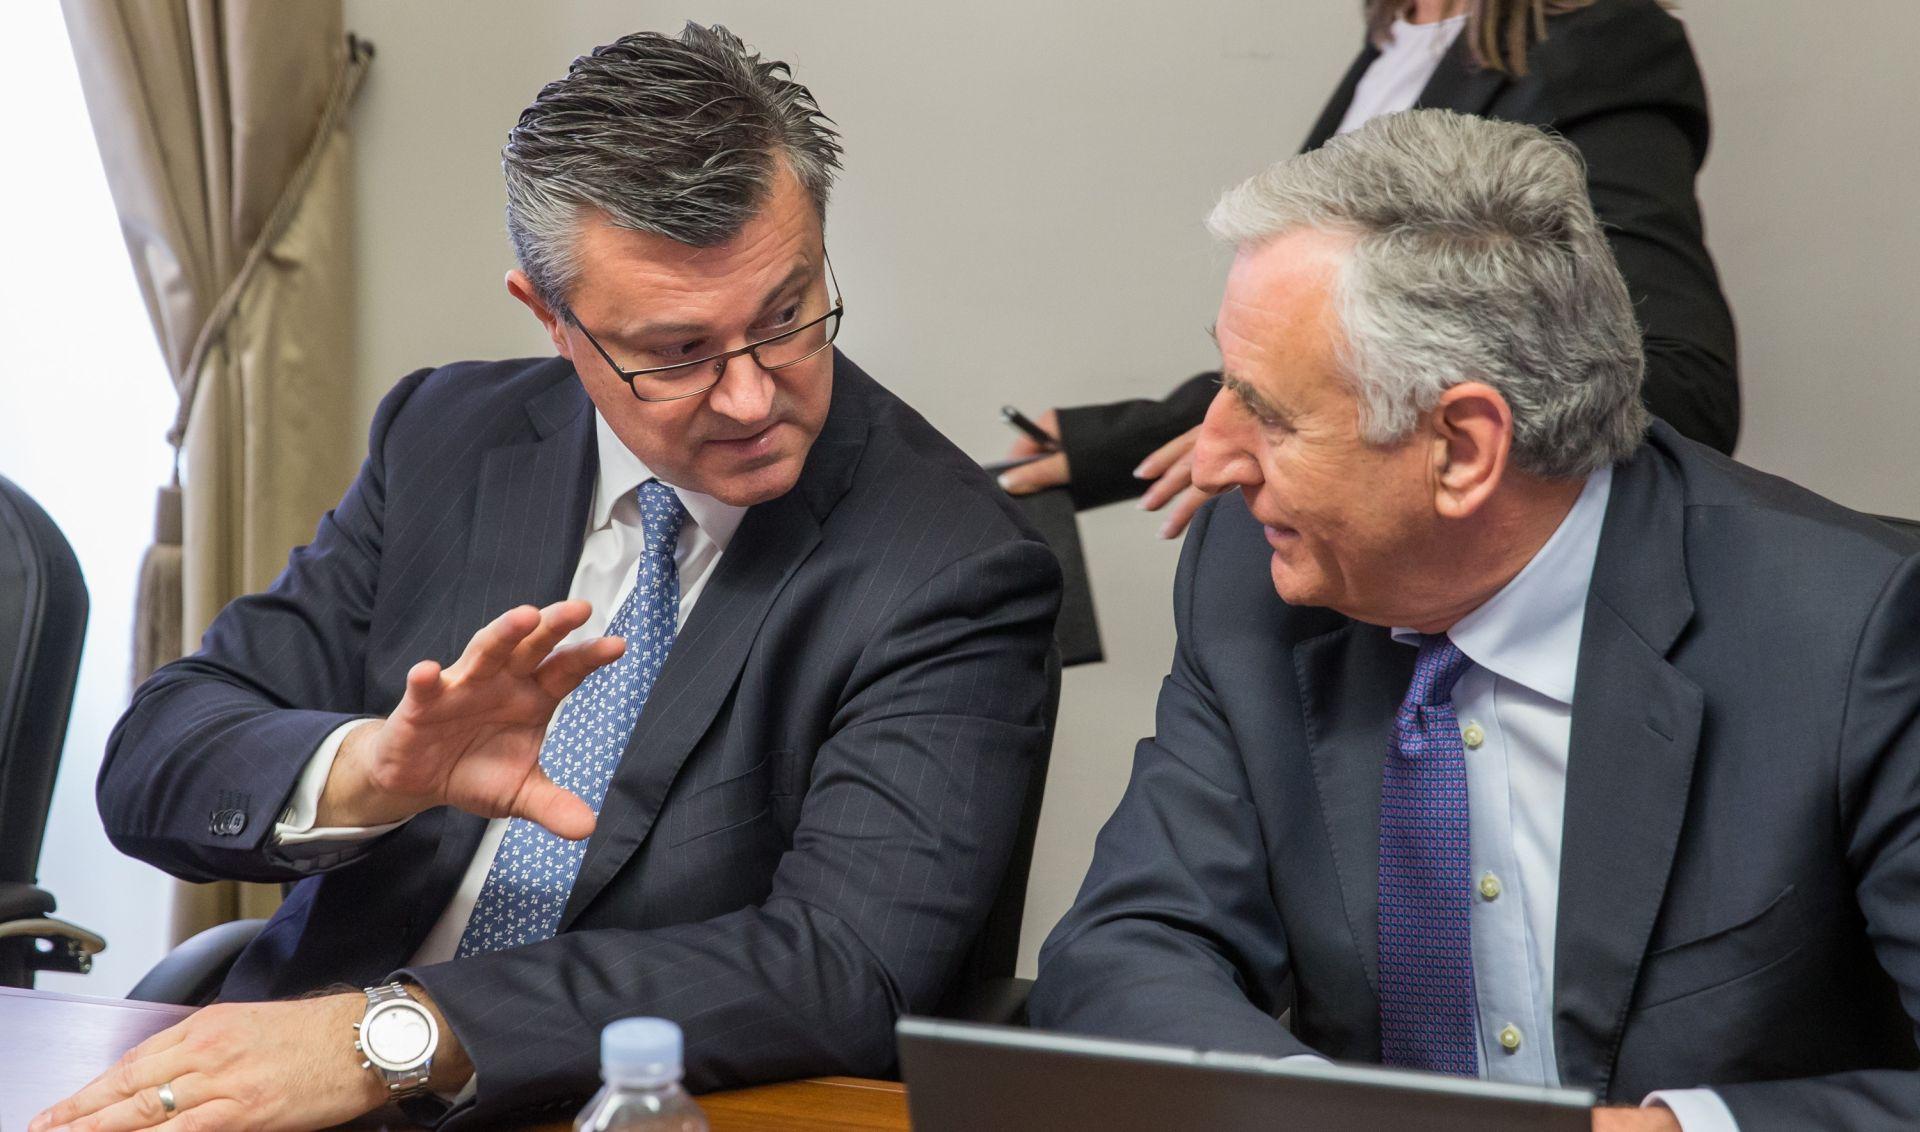 Orešković: Zakon o javnoj nabavi treba mijenjati, ne smije kočiti investicije